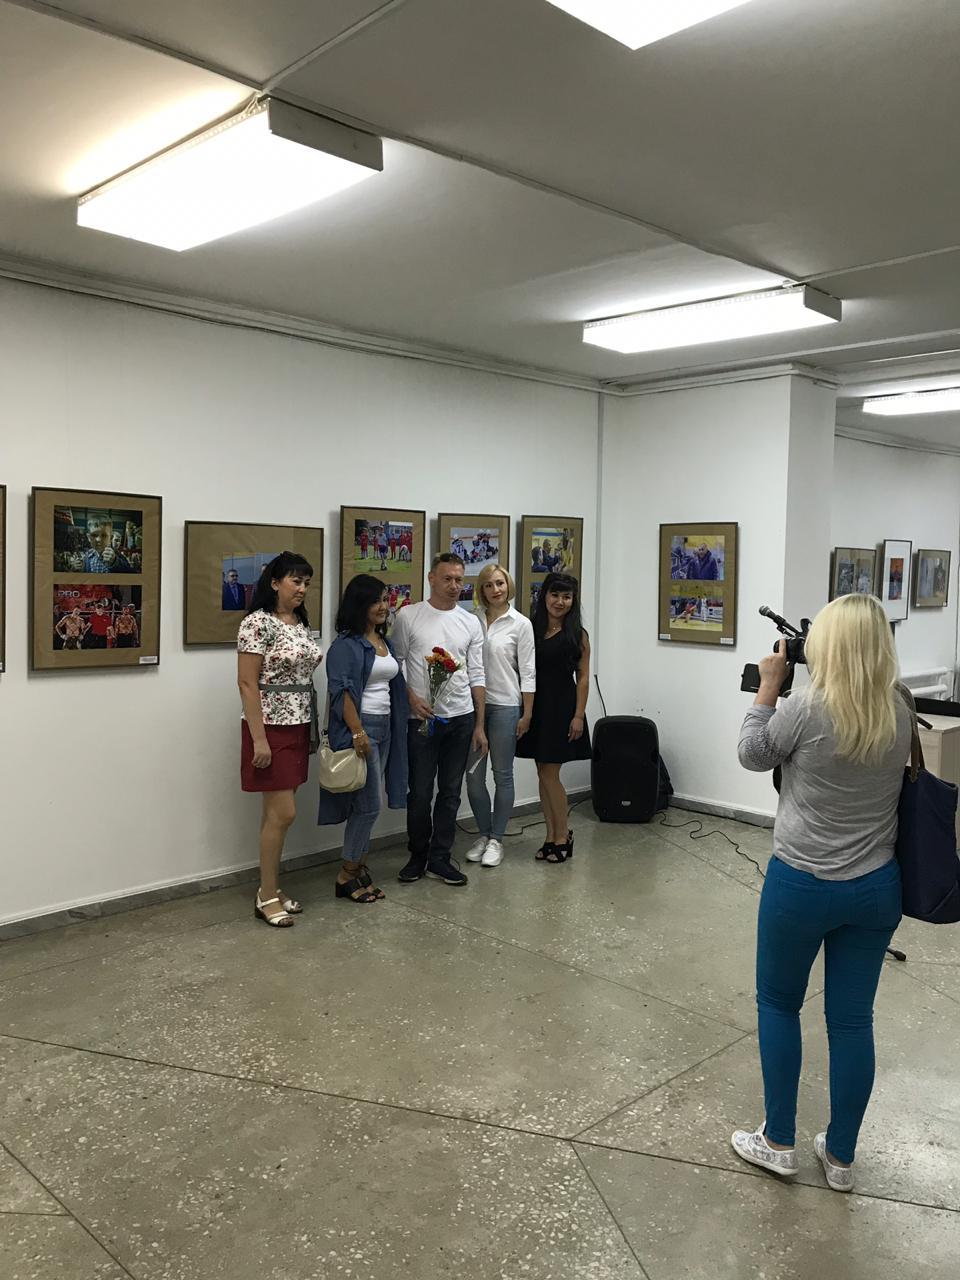 «Стерлитамакиада»: персональная фотовыставка Дмитрия Пискарева